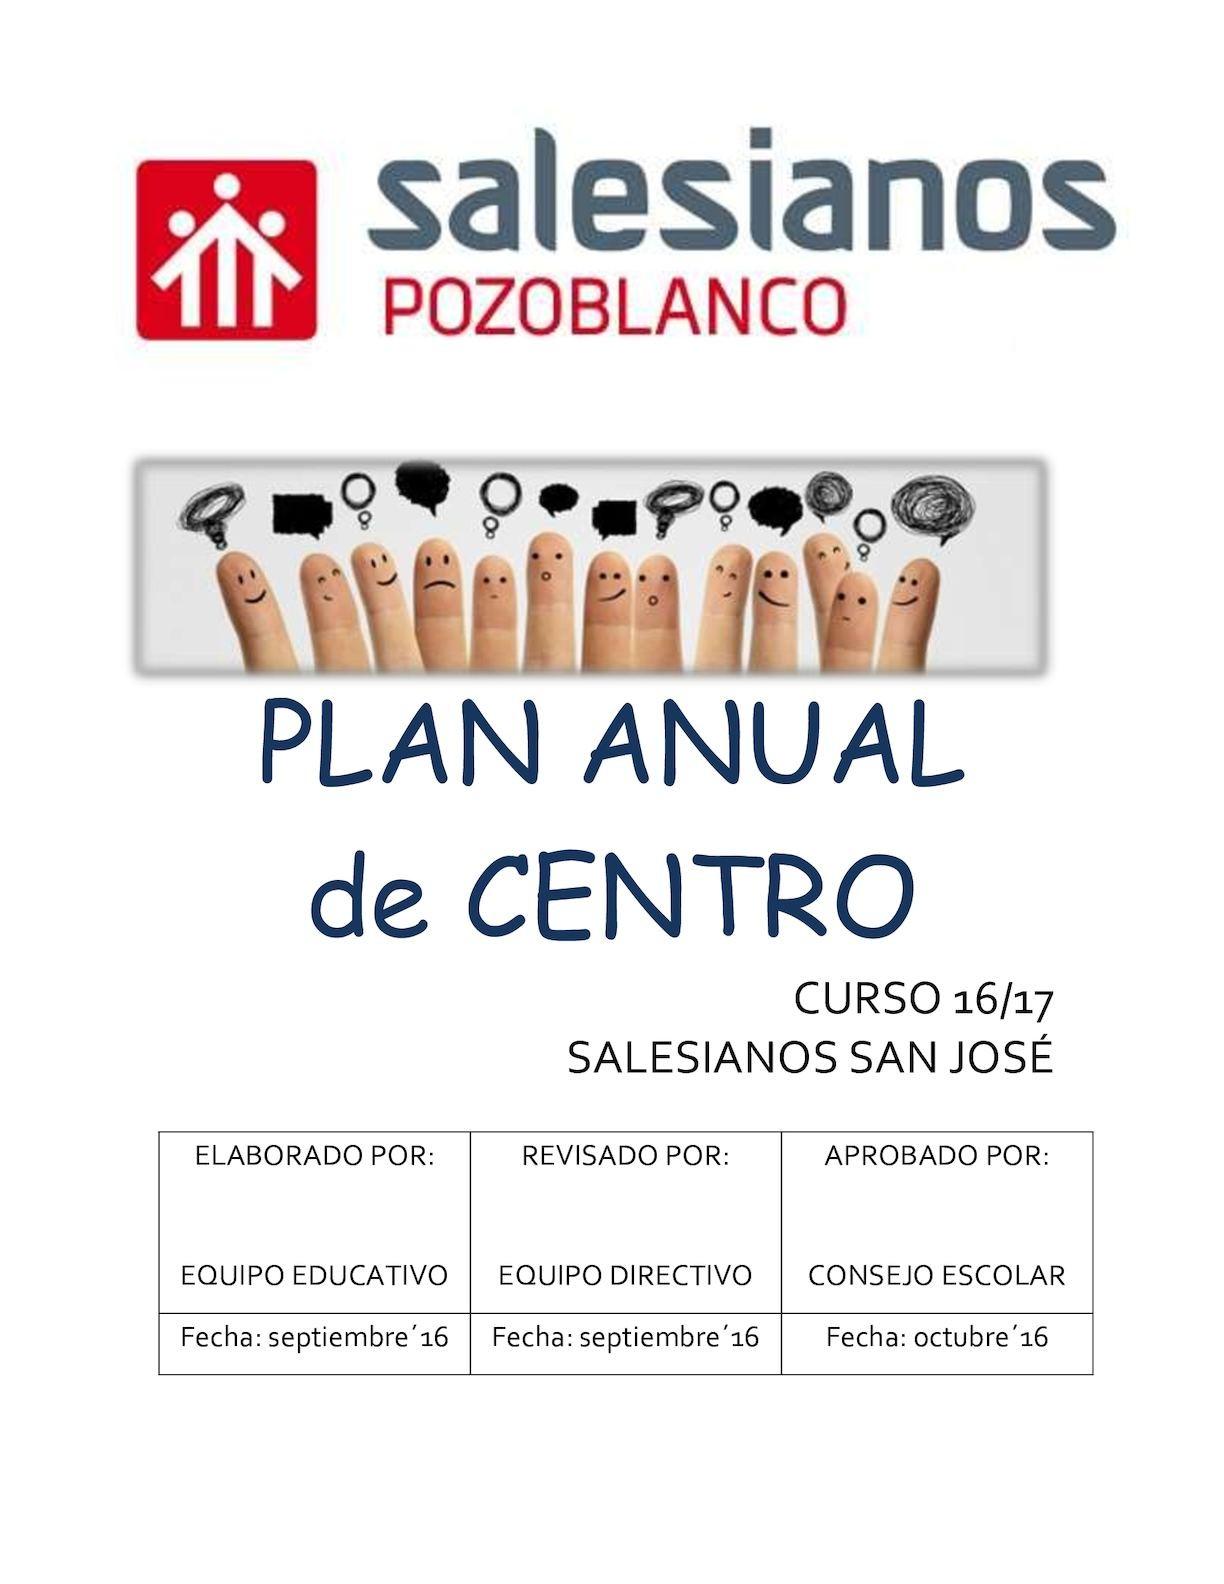 Calendario 2019 Semana Santa Y Pascua Más Reciente Calaméo Plan Anual Centro 16 17 Of Calendario 2019 Semana Santa Y Pascua Más Populares Calaméo Gara